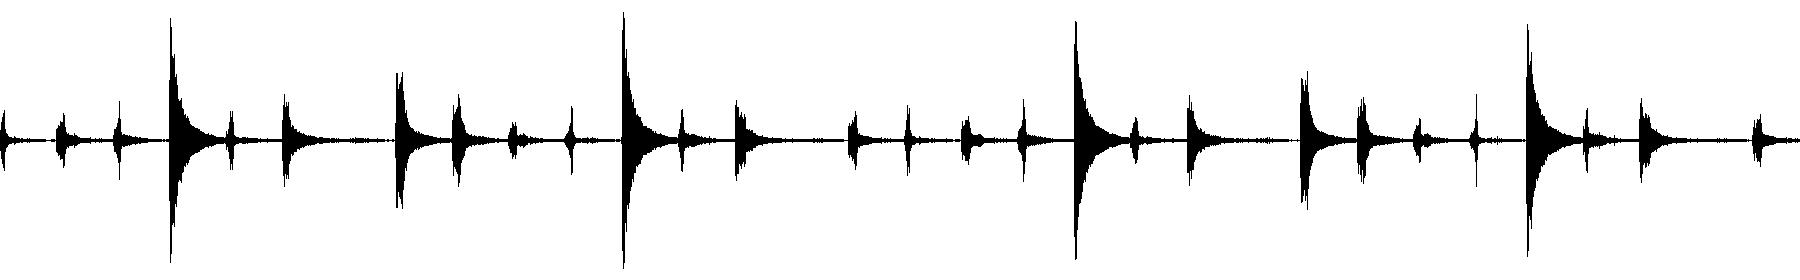 ehp percloop 130 22